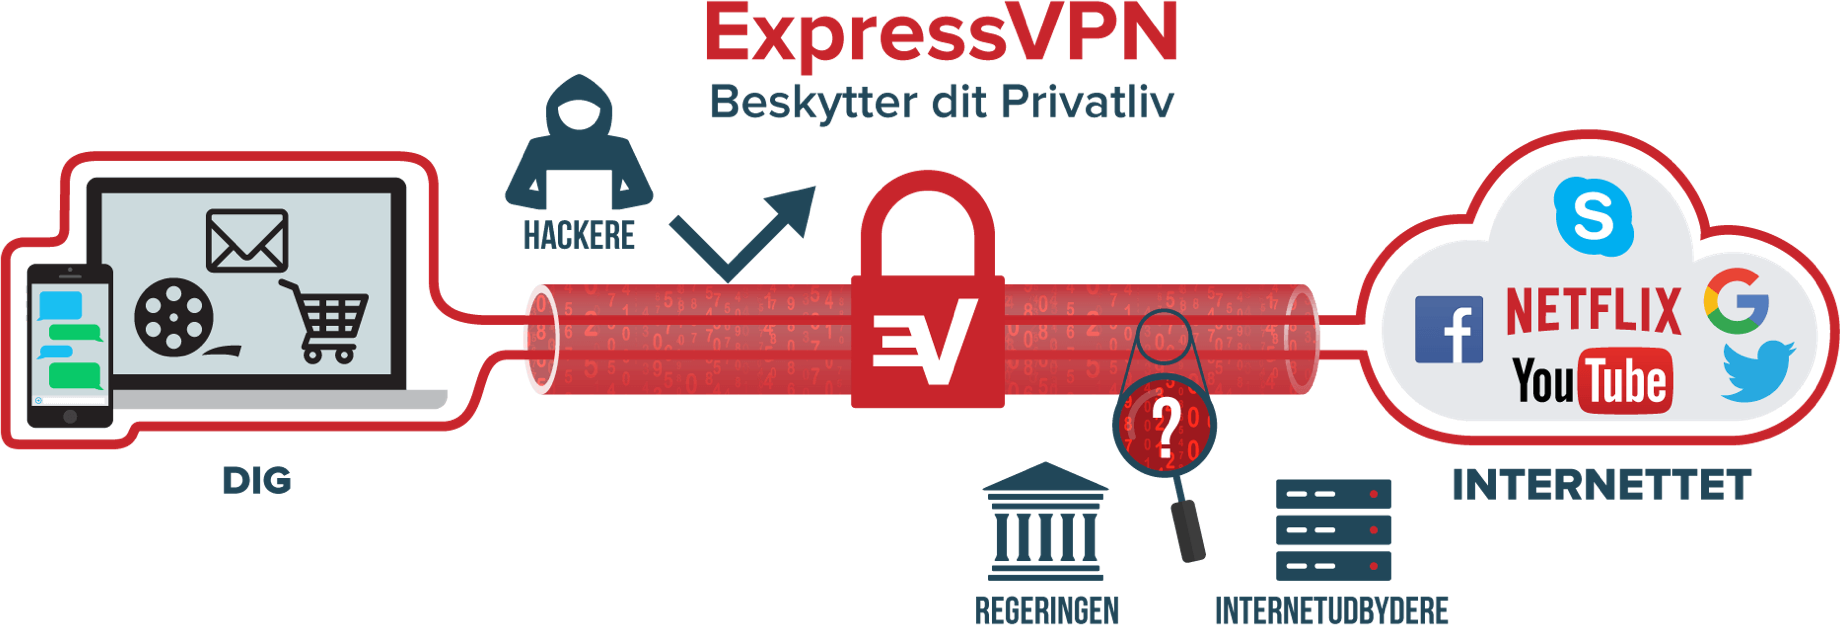 Hvad er VPN: Internet trafik der går igennem en VPN tunnel fra brugerens enhed til internettet